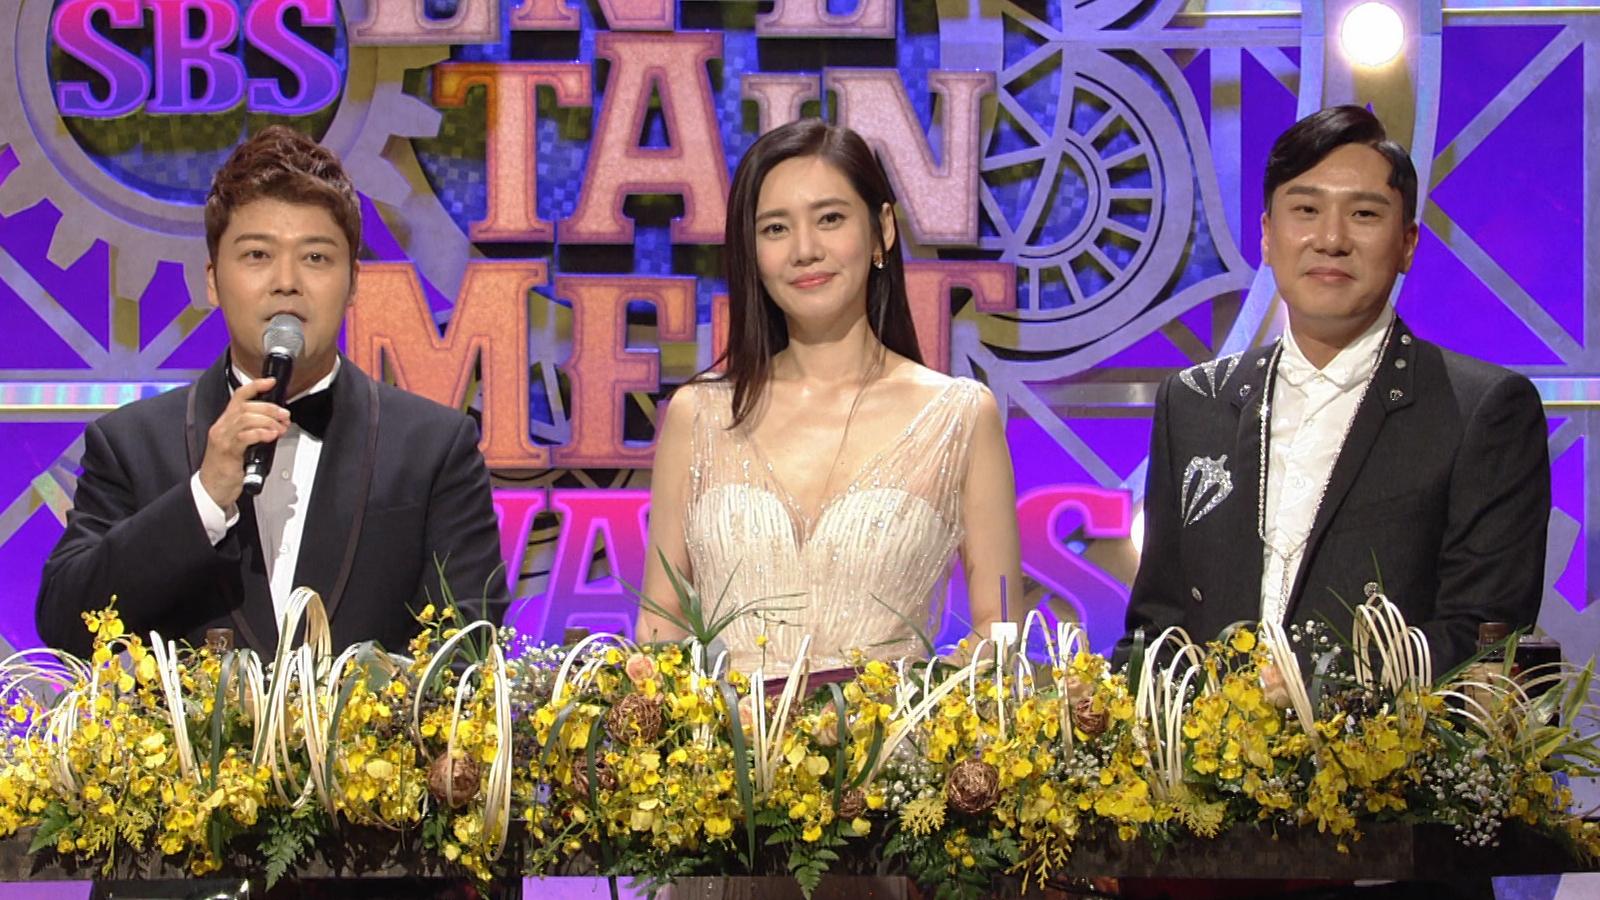 2017 SBS Entertainment Awards Episode 1